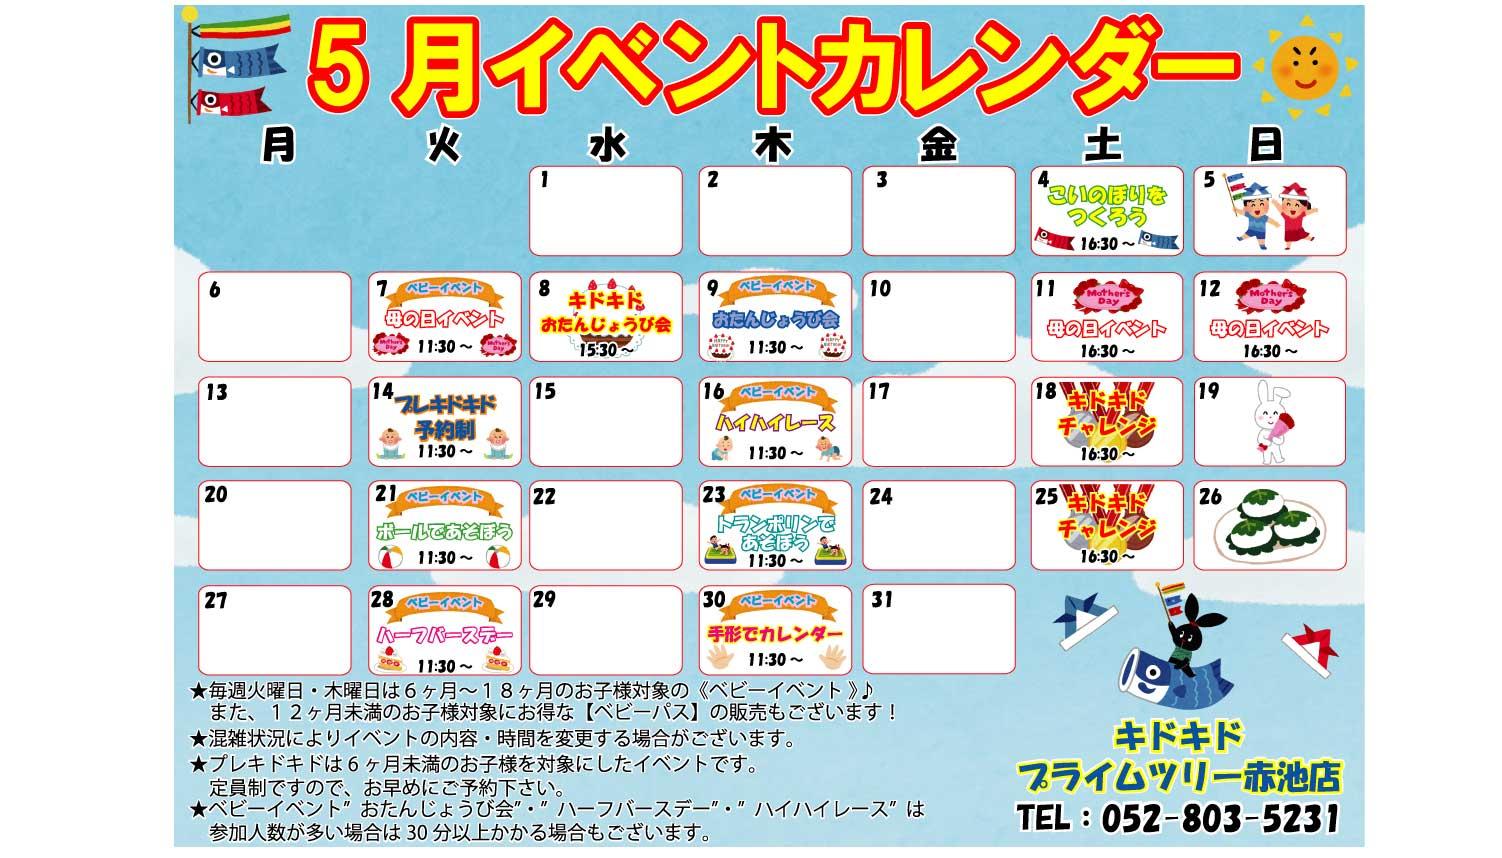 ☆5月のイベントカレンダー☆